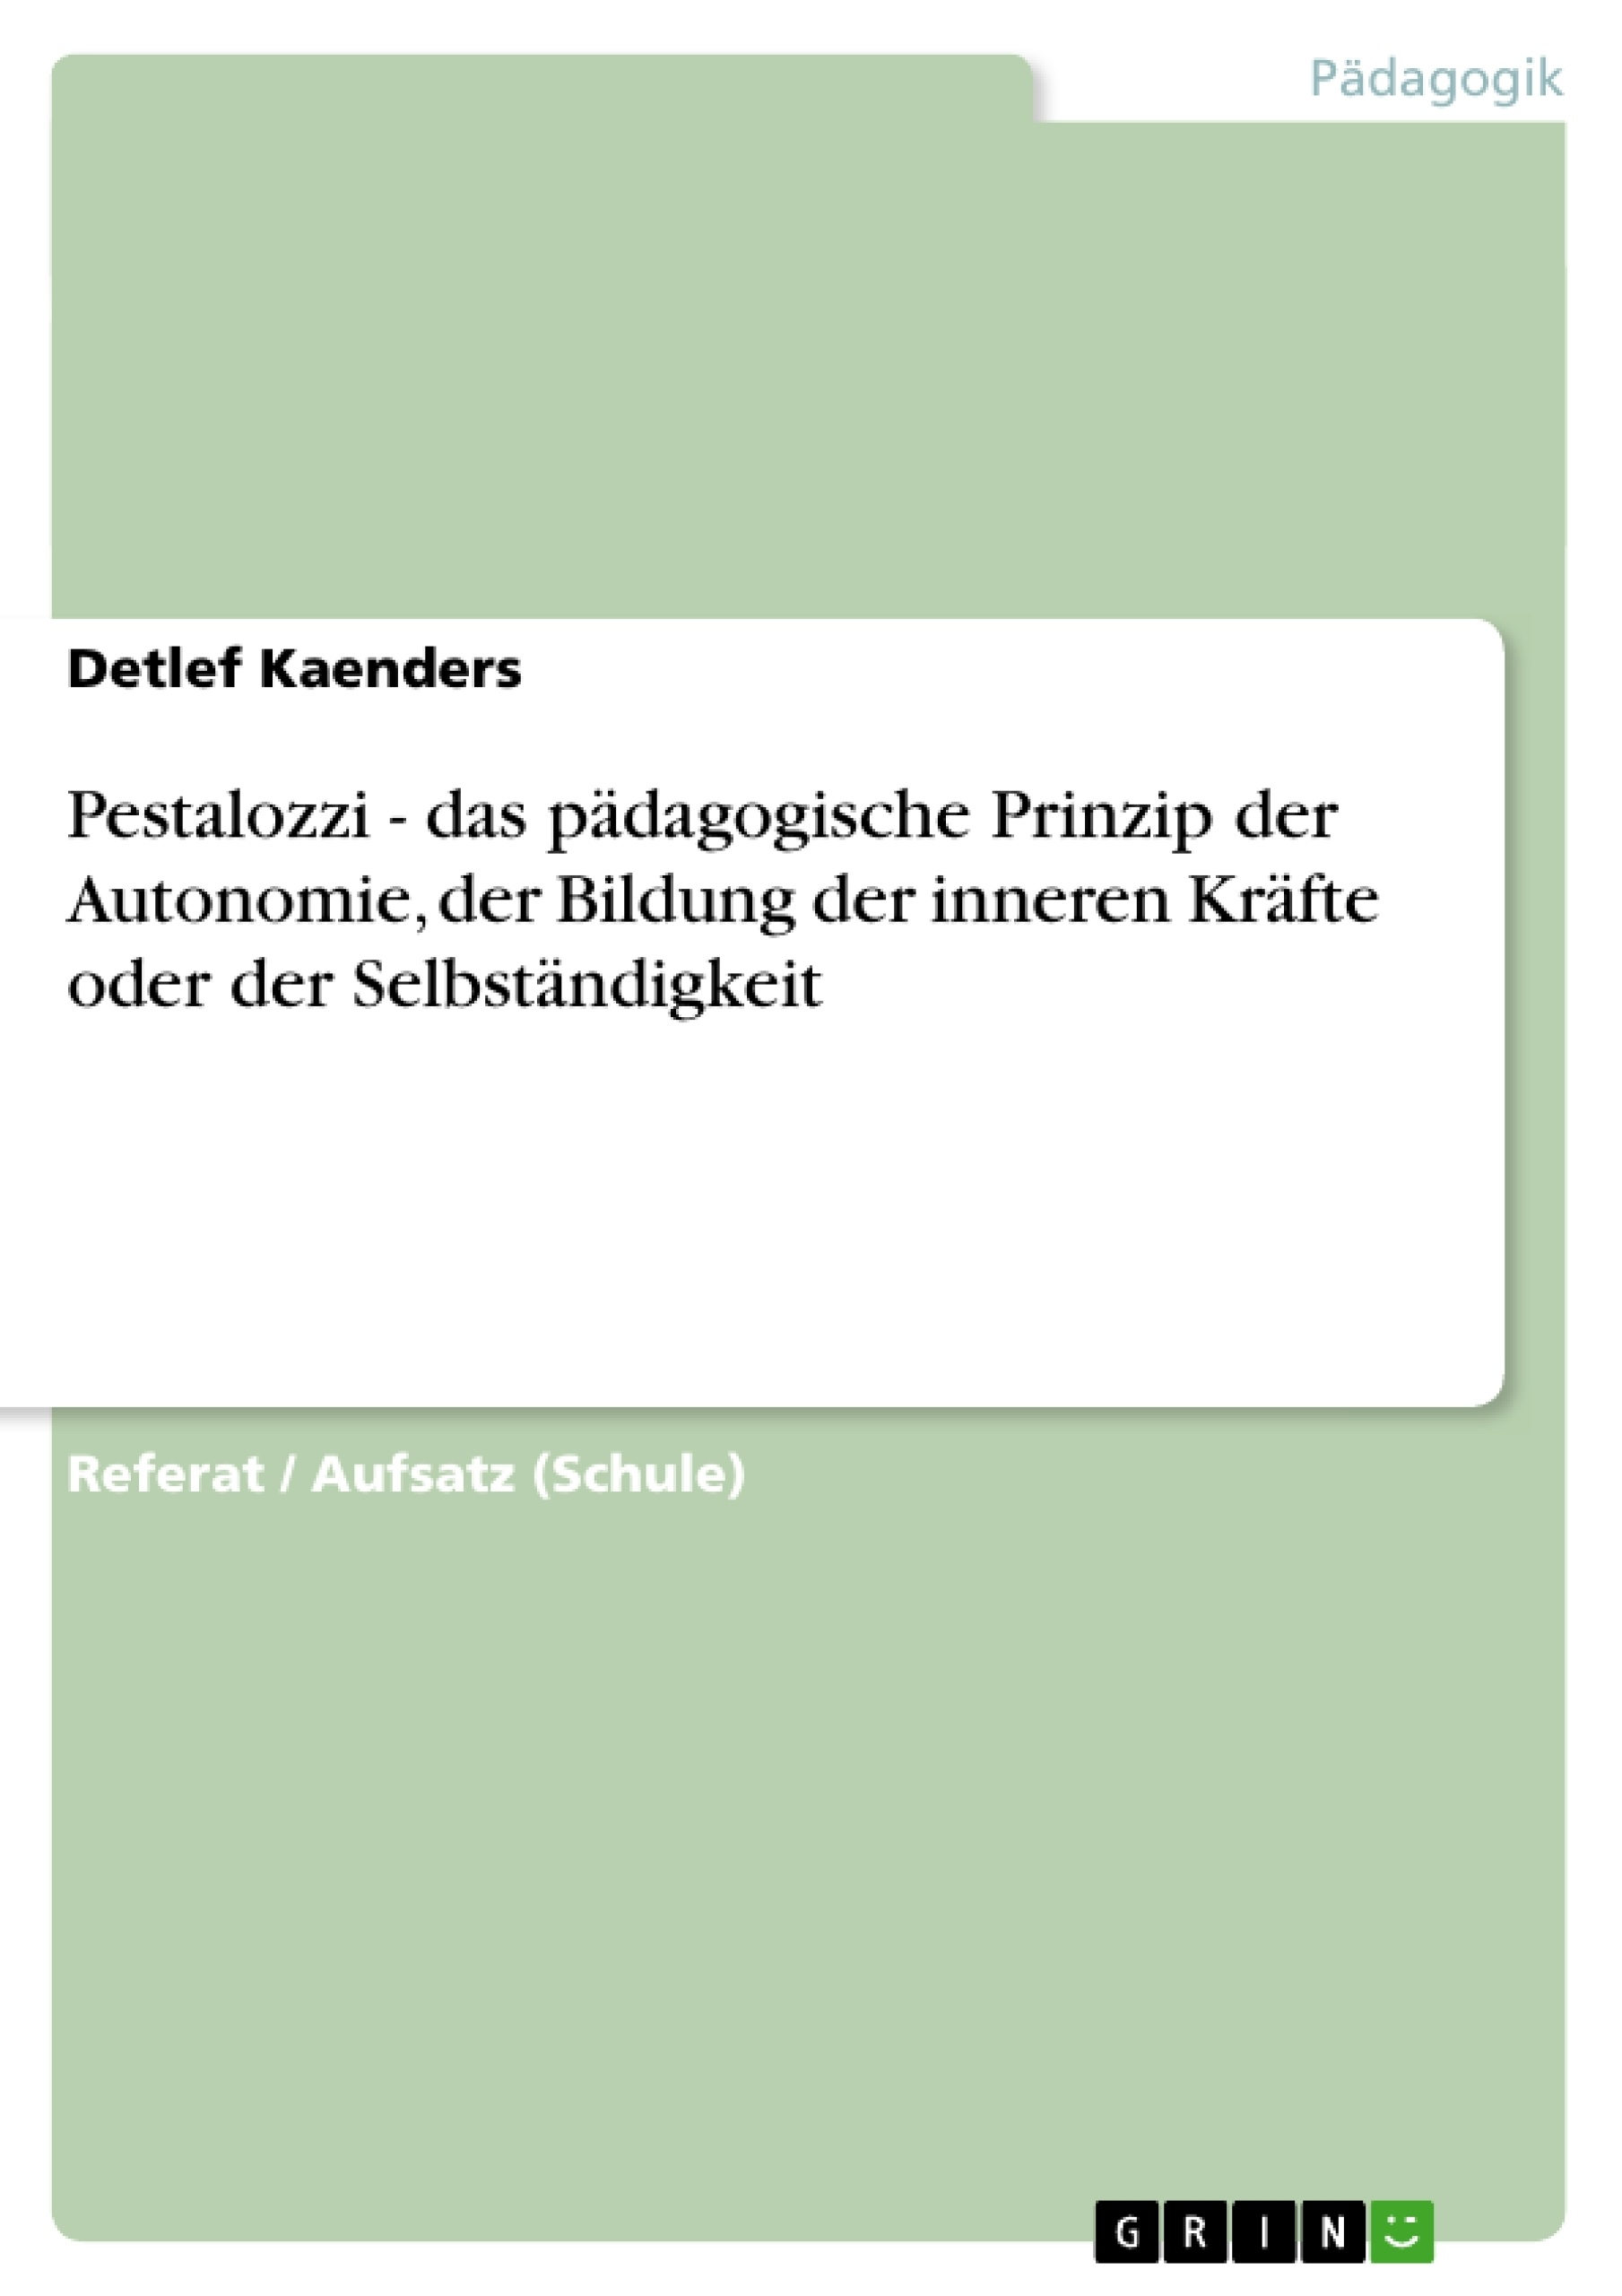 Titel: Pestalozzi - das pädagogische Prinzip der Autonomie, der Bildung der inneren Kräfte oder der Selbständigkeit